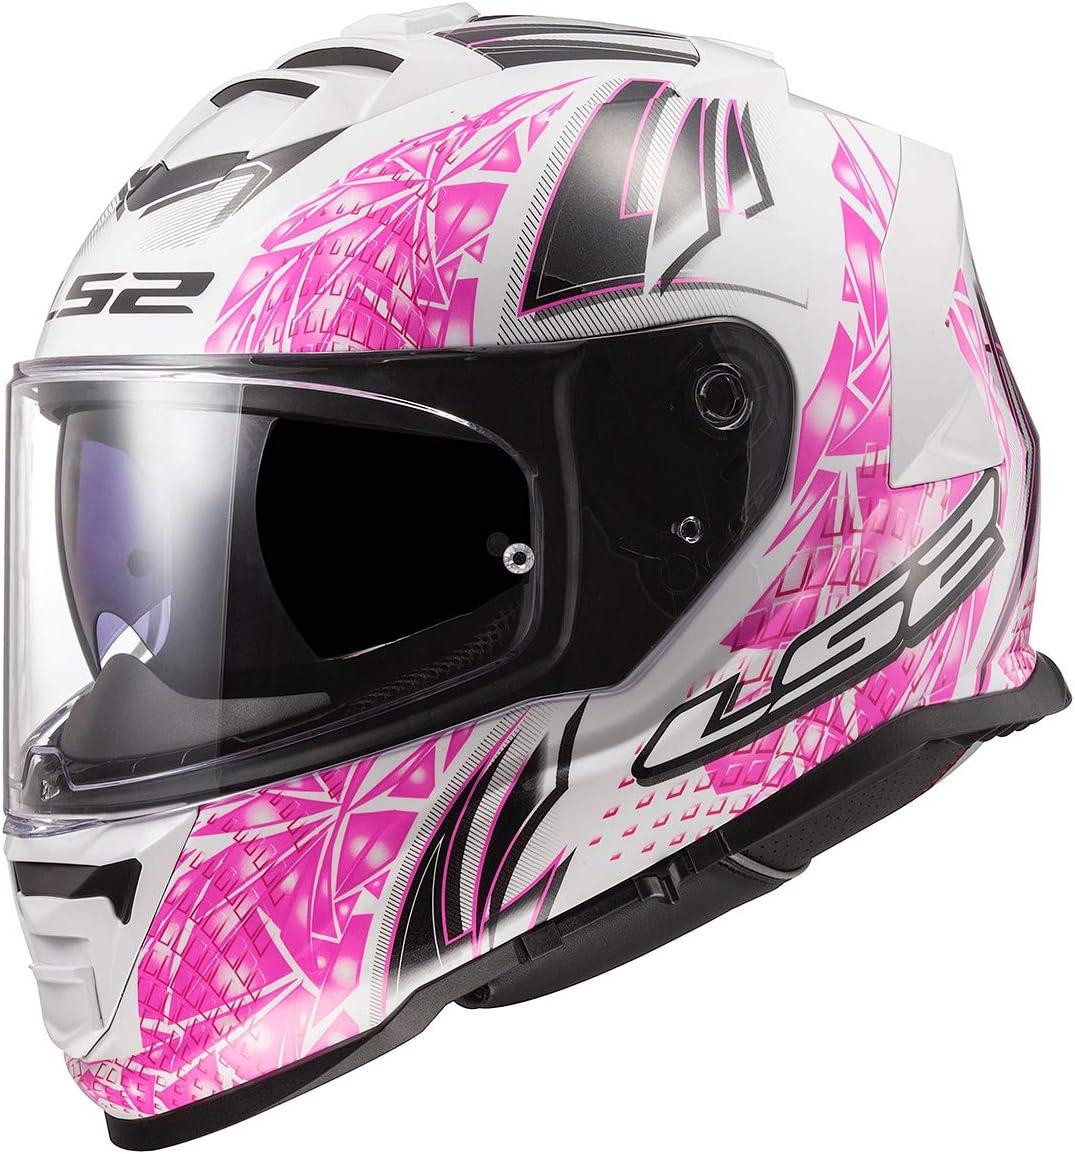 Gloss White//Pink, Medium LS88 Unisex-Adult Full Face Helmet